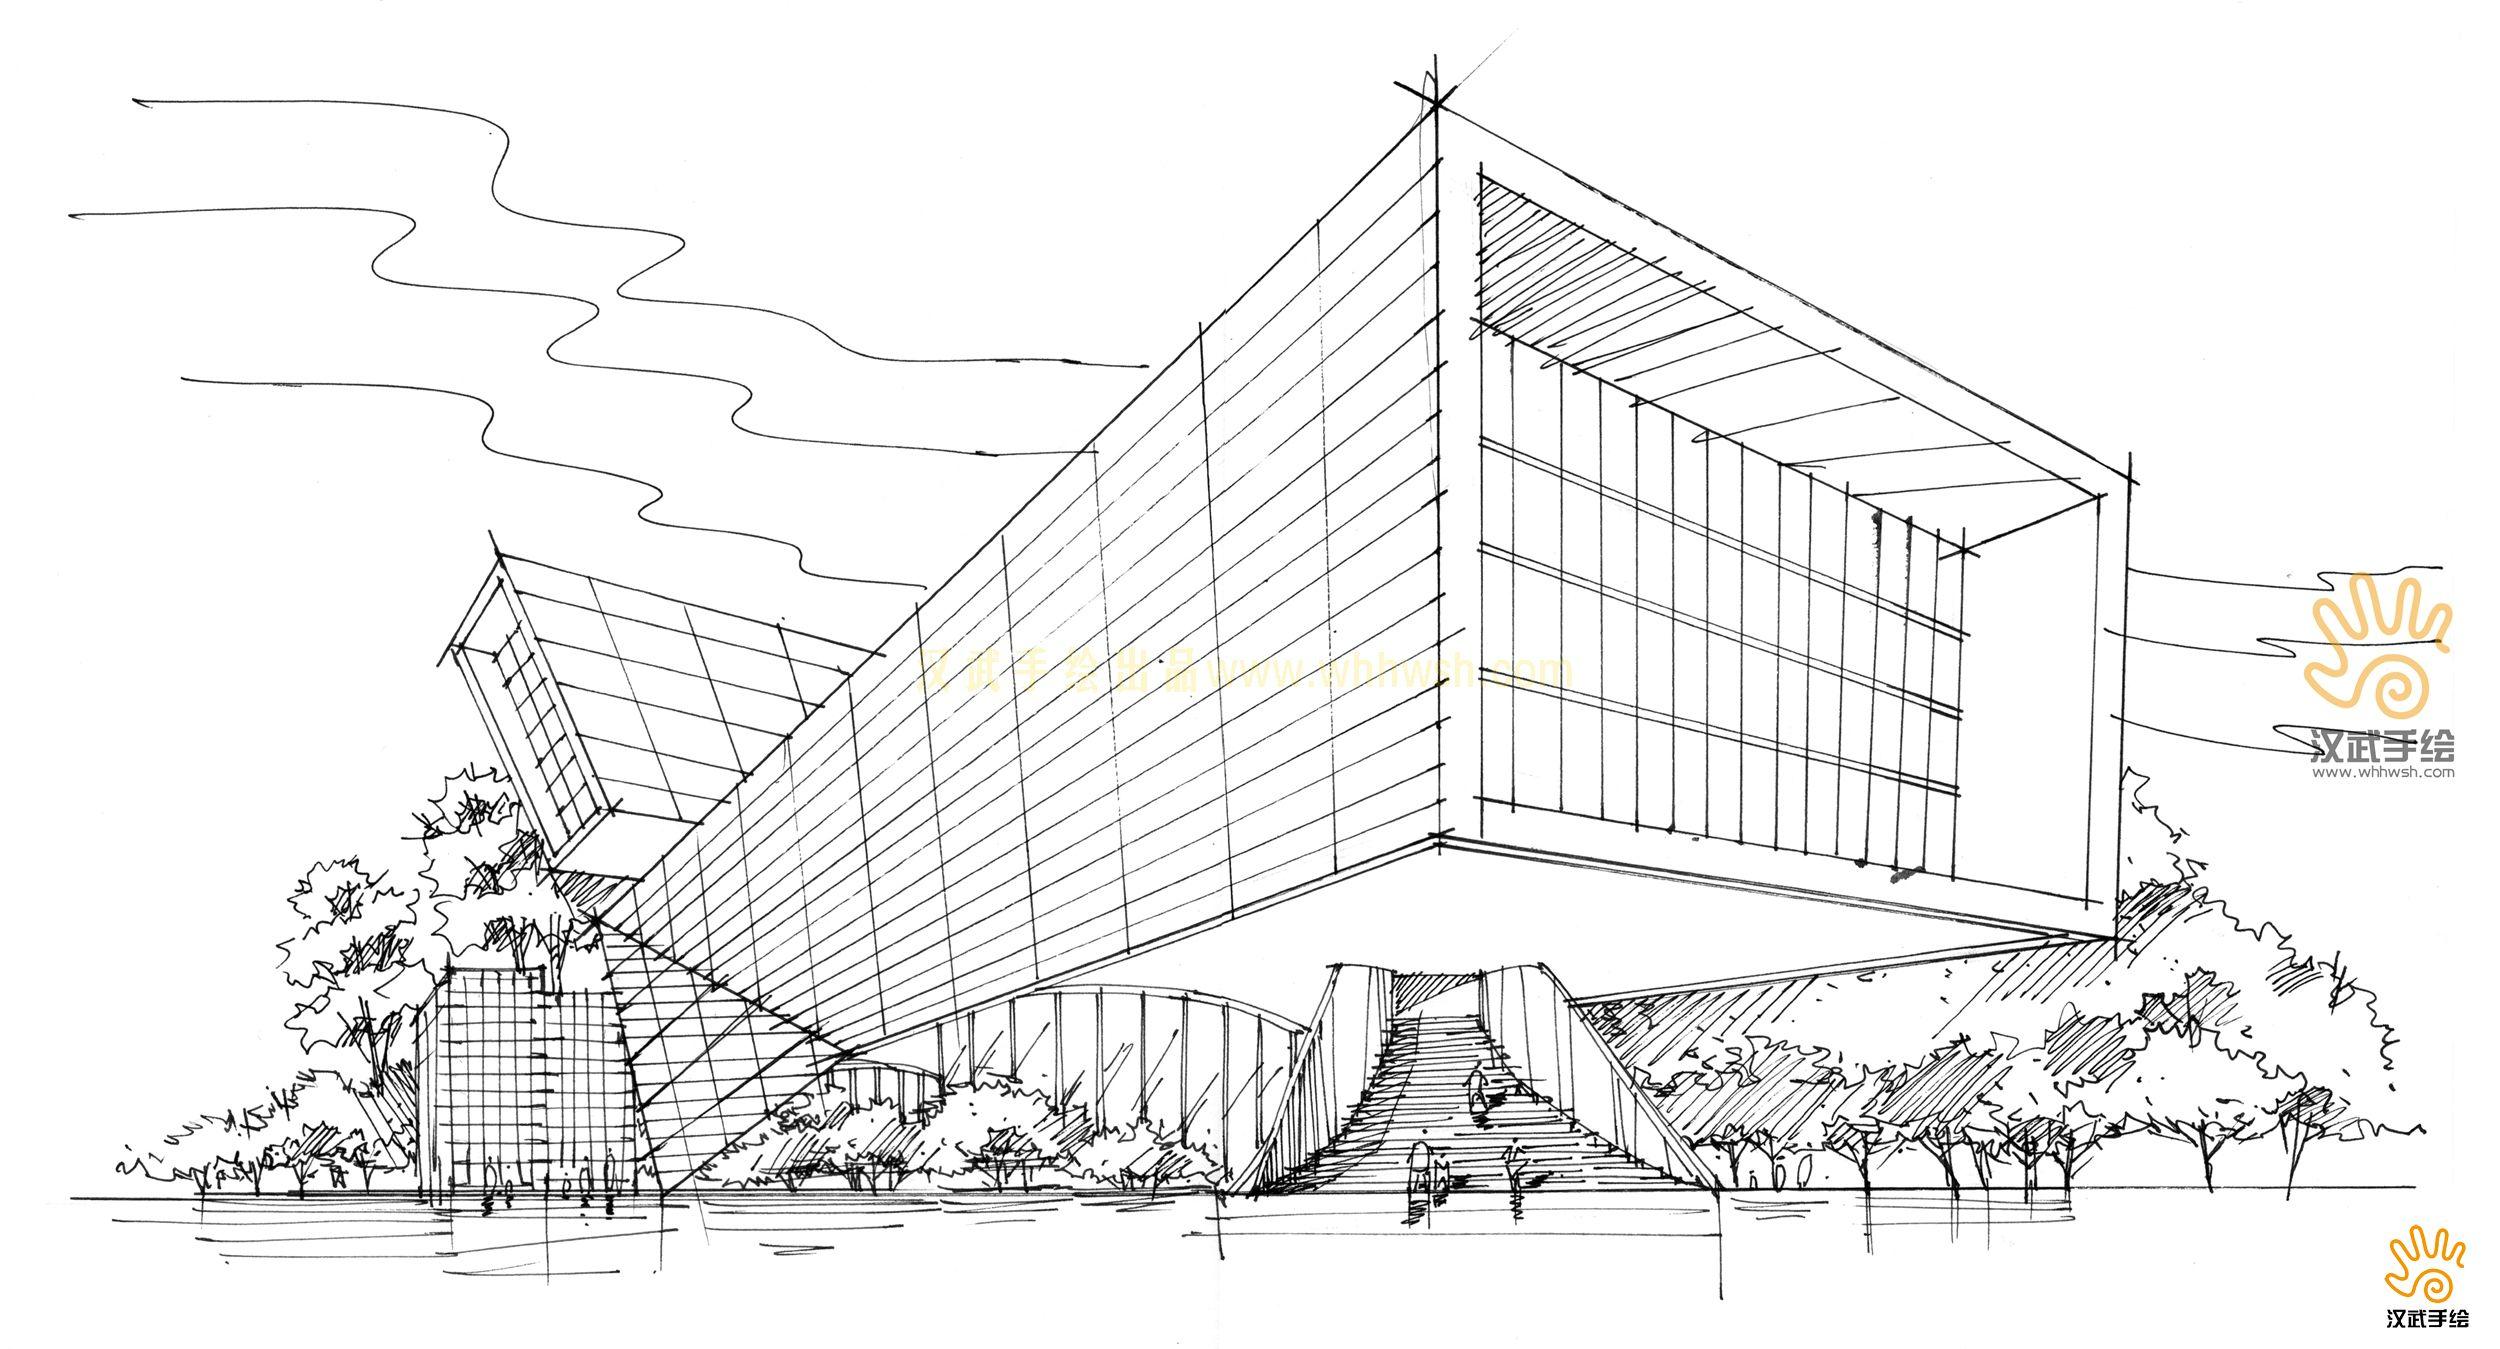 建筑手绘线稿加上色稿(展馆,博物馆,医院,会所等建筑)